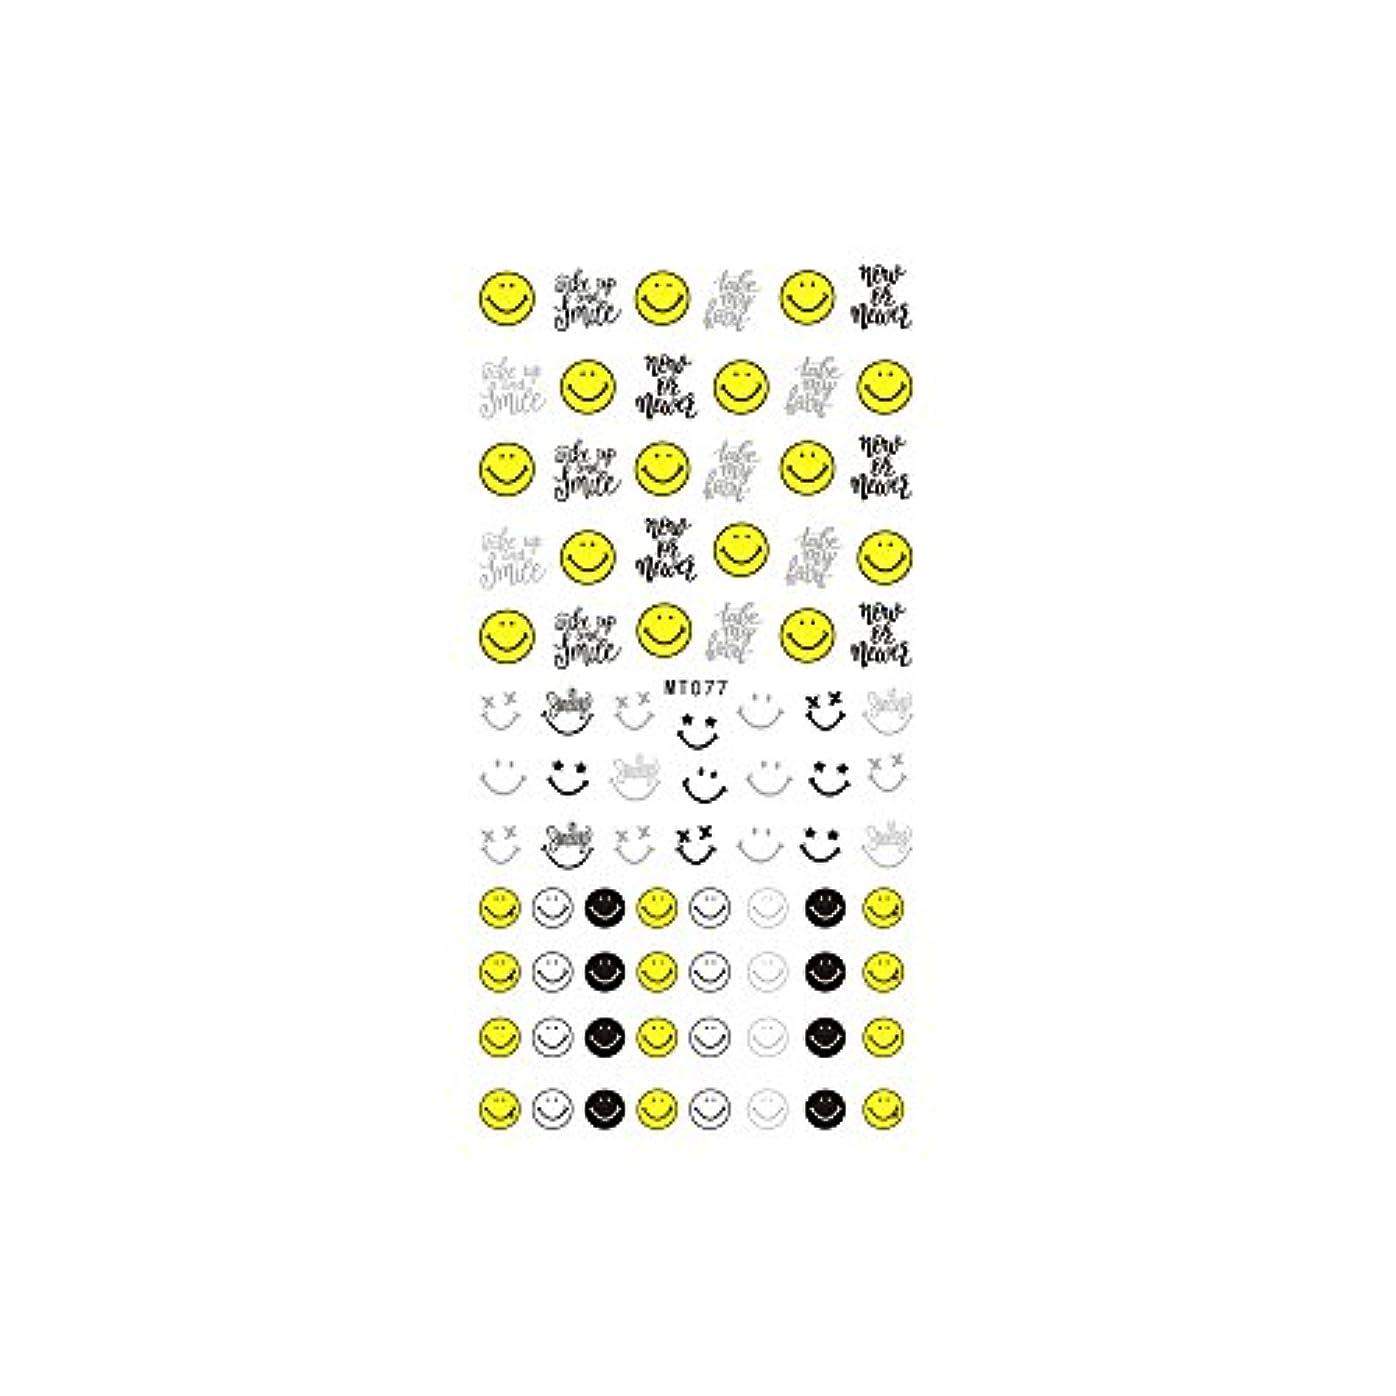 戦闘おなじみの商標irogel イロジェル スマイルフェイスシール ネイルシール【MT077】